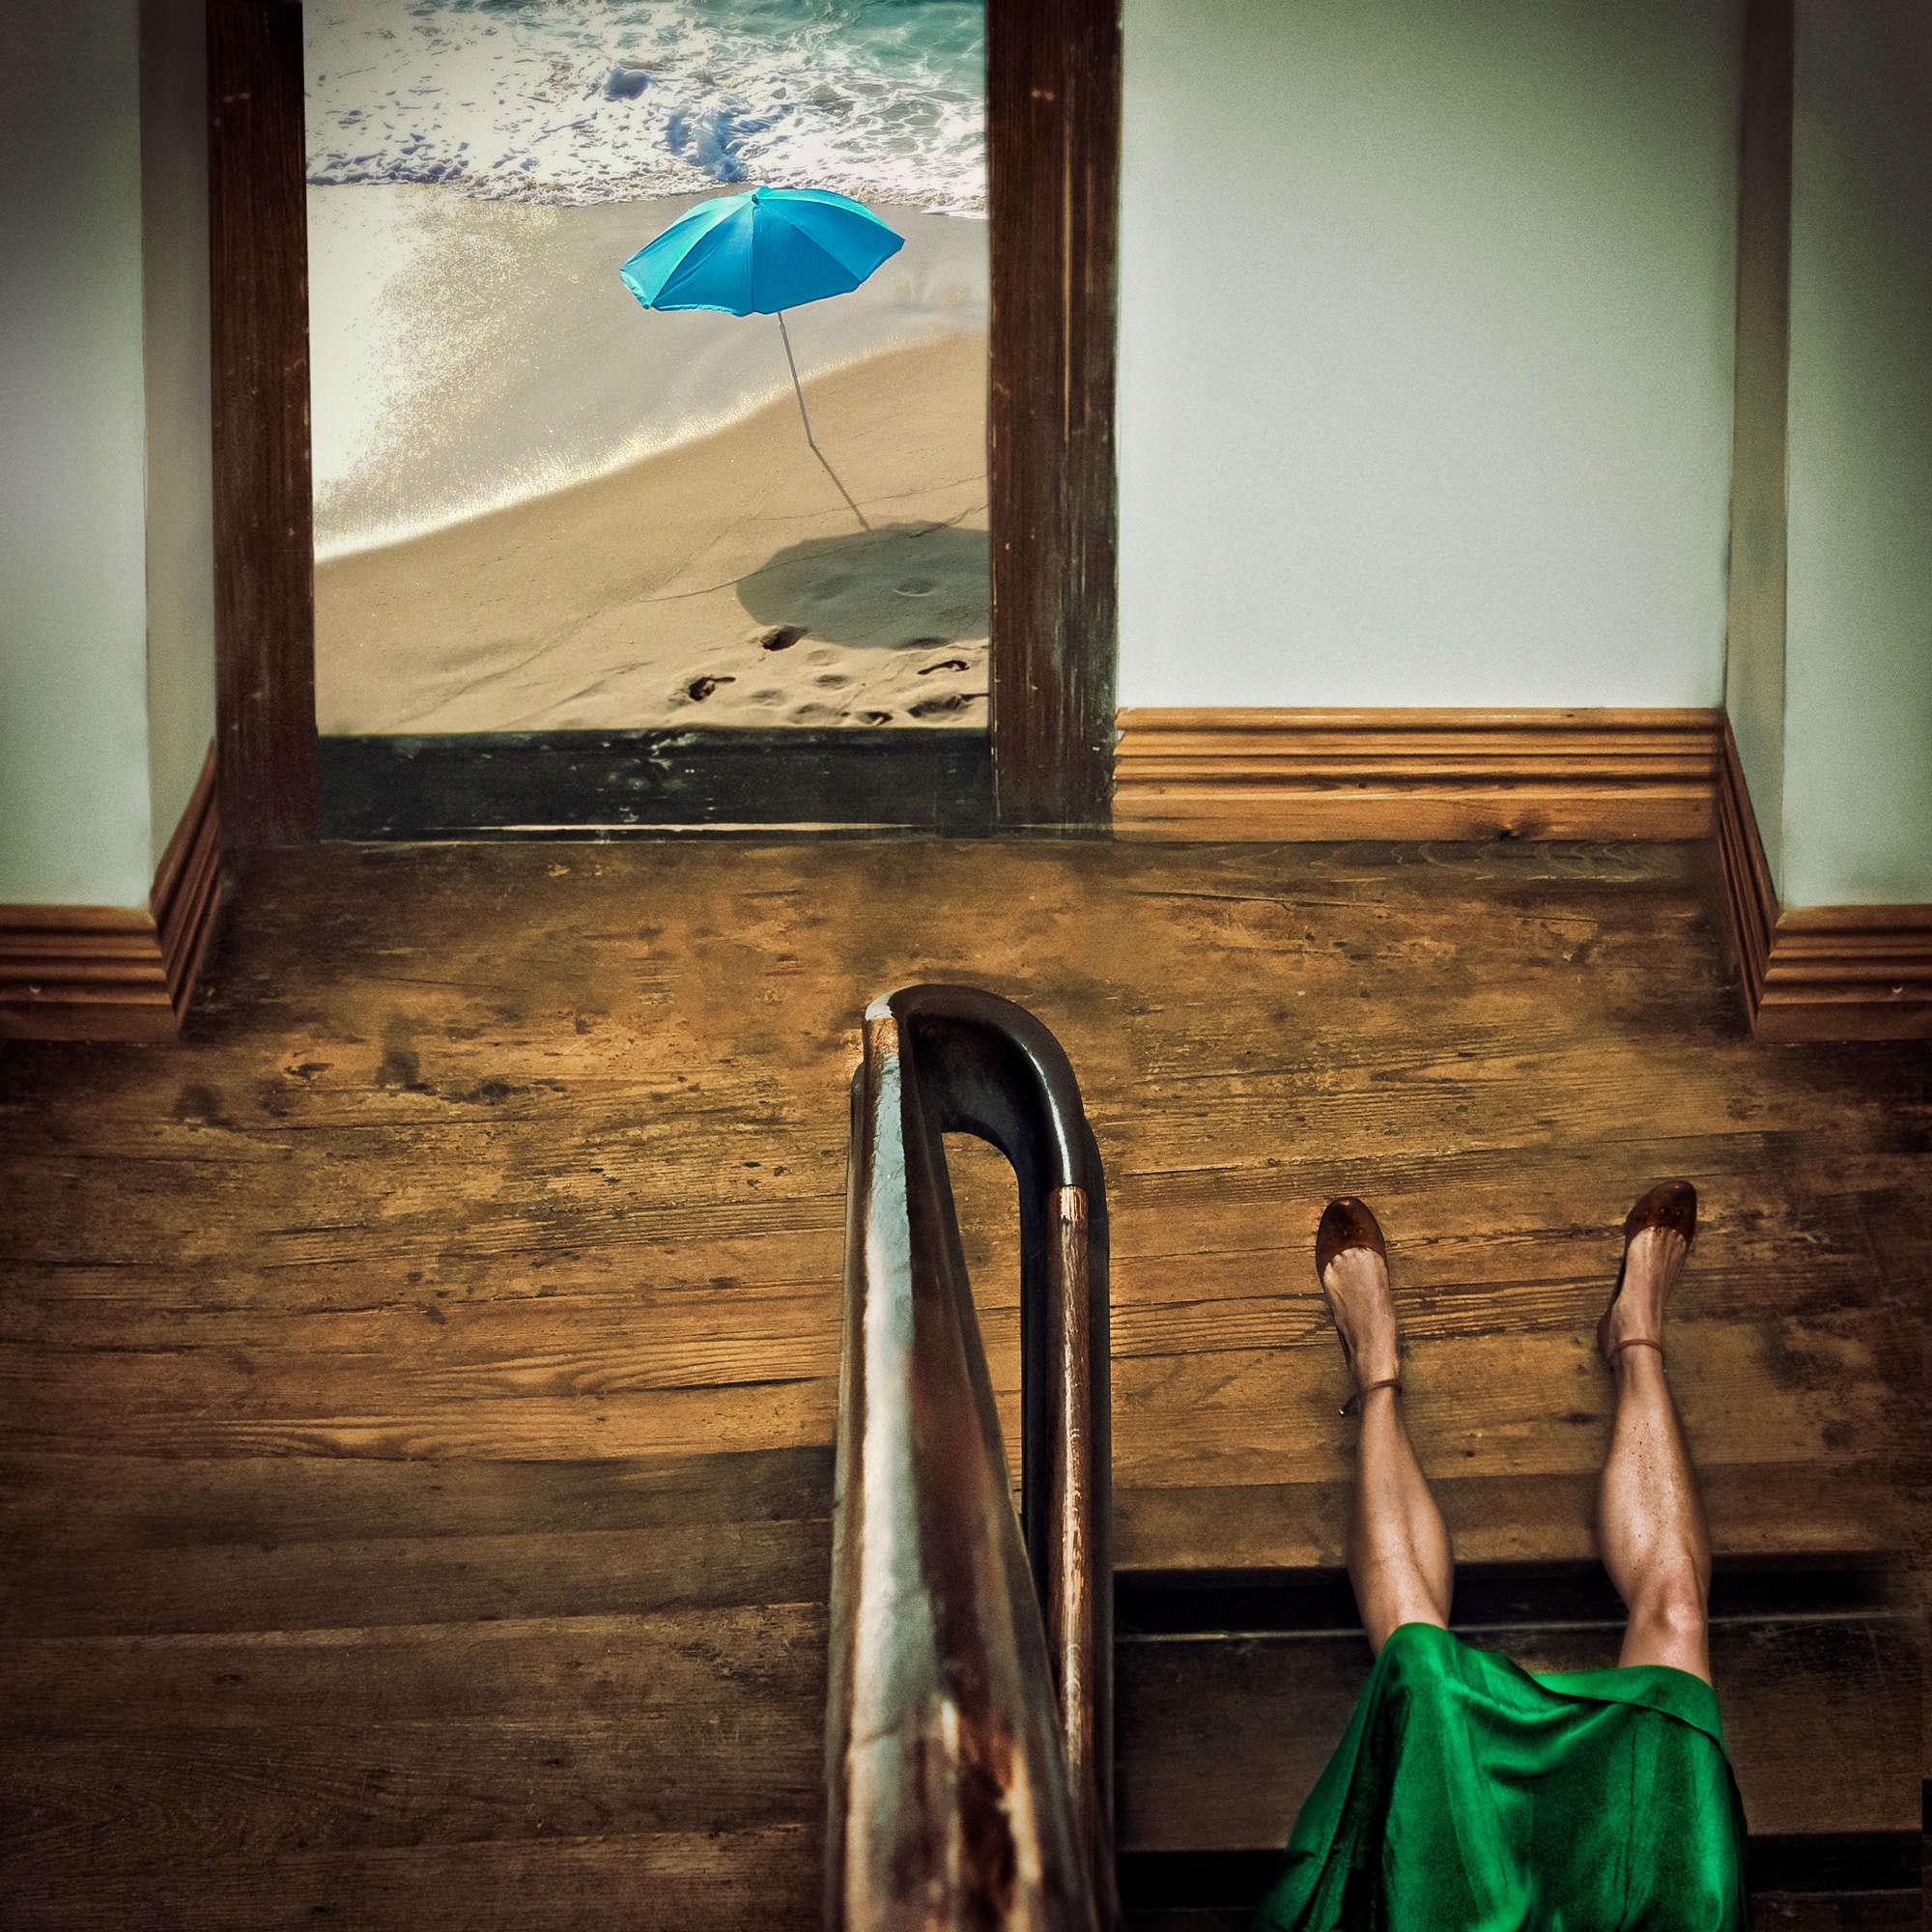 Ambra - Doorway Dreaming